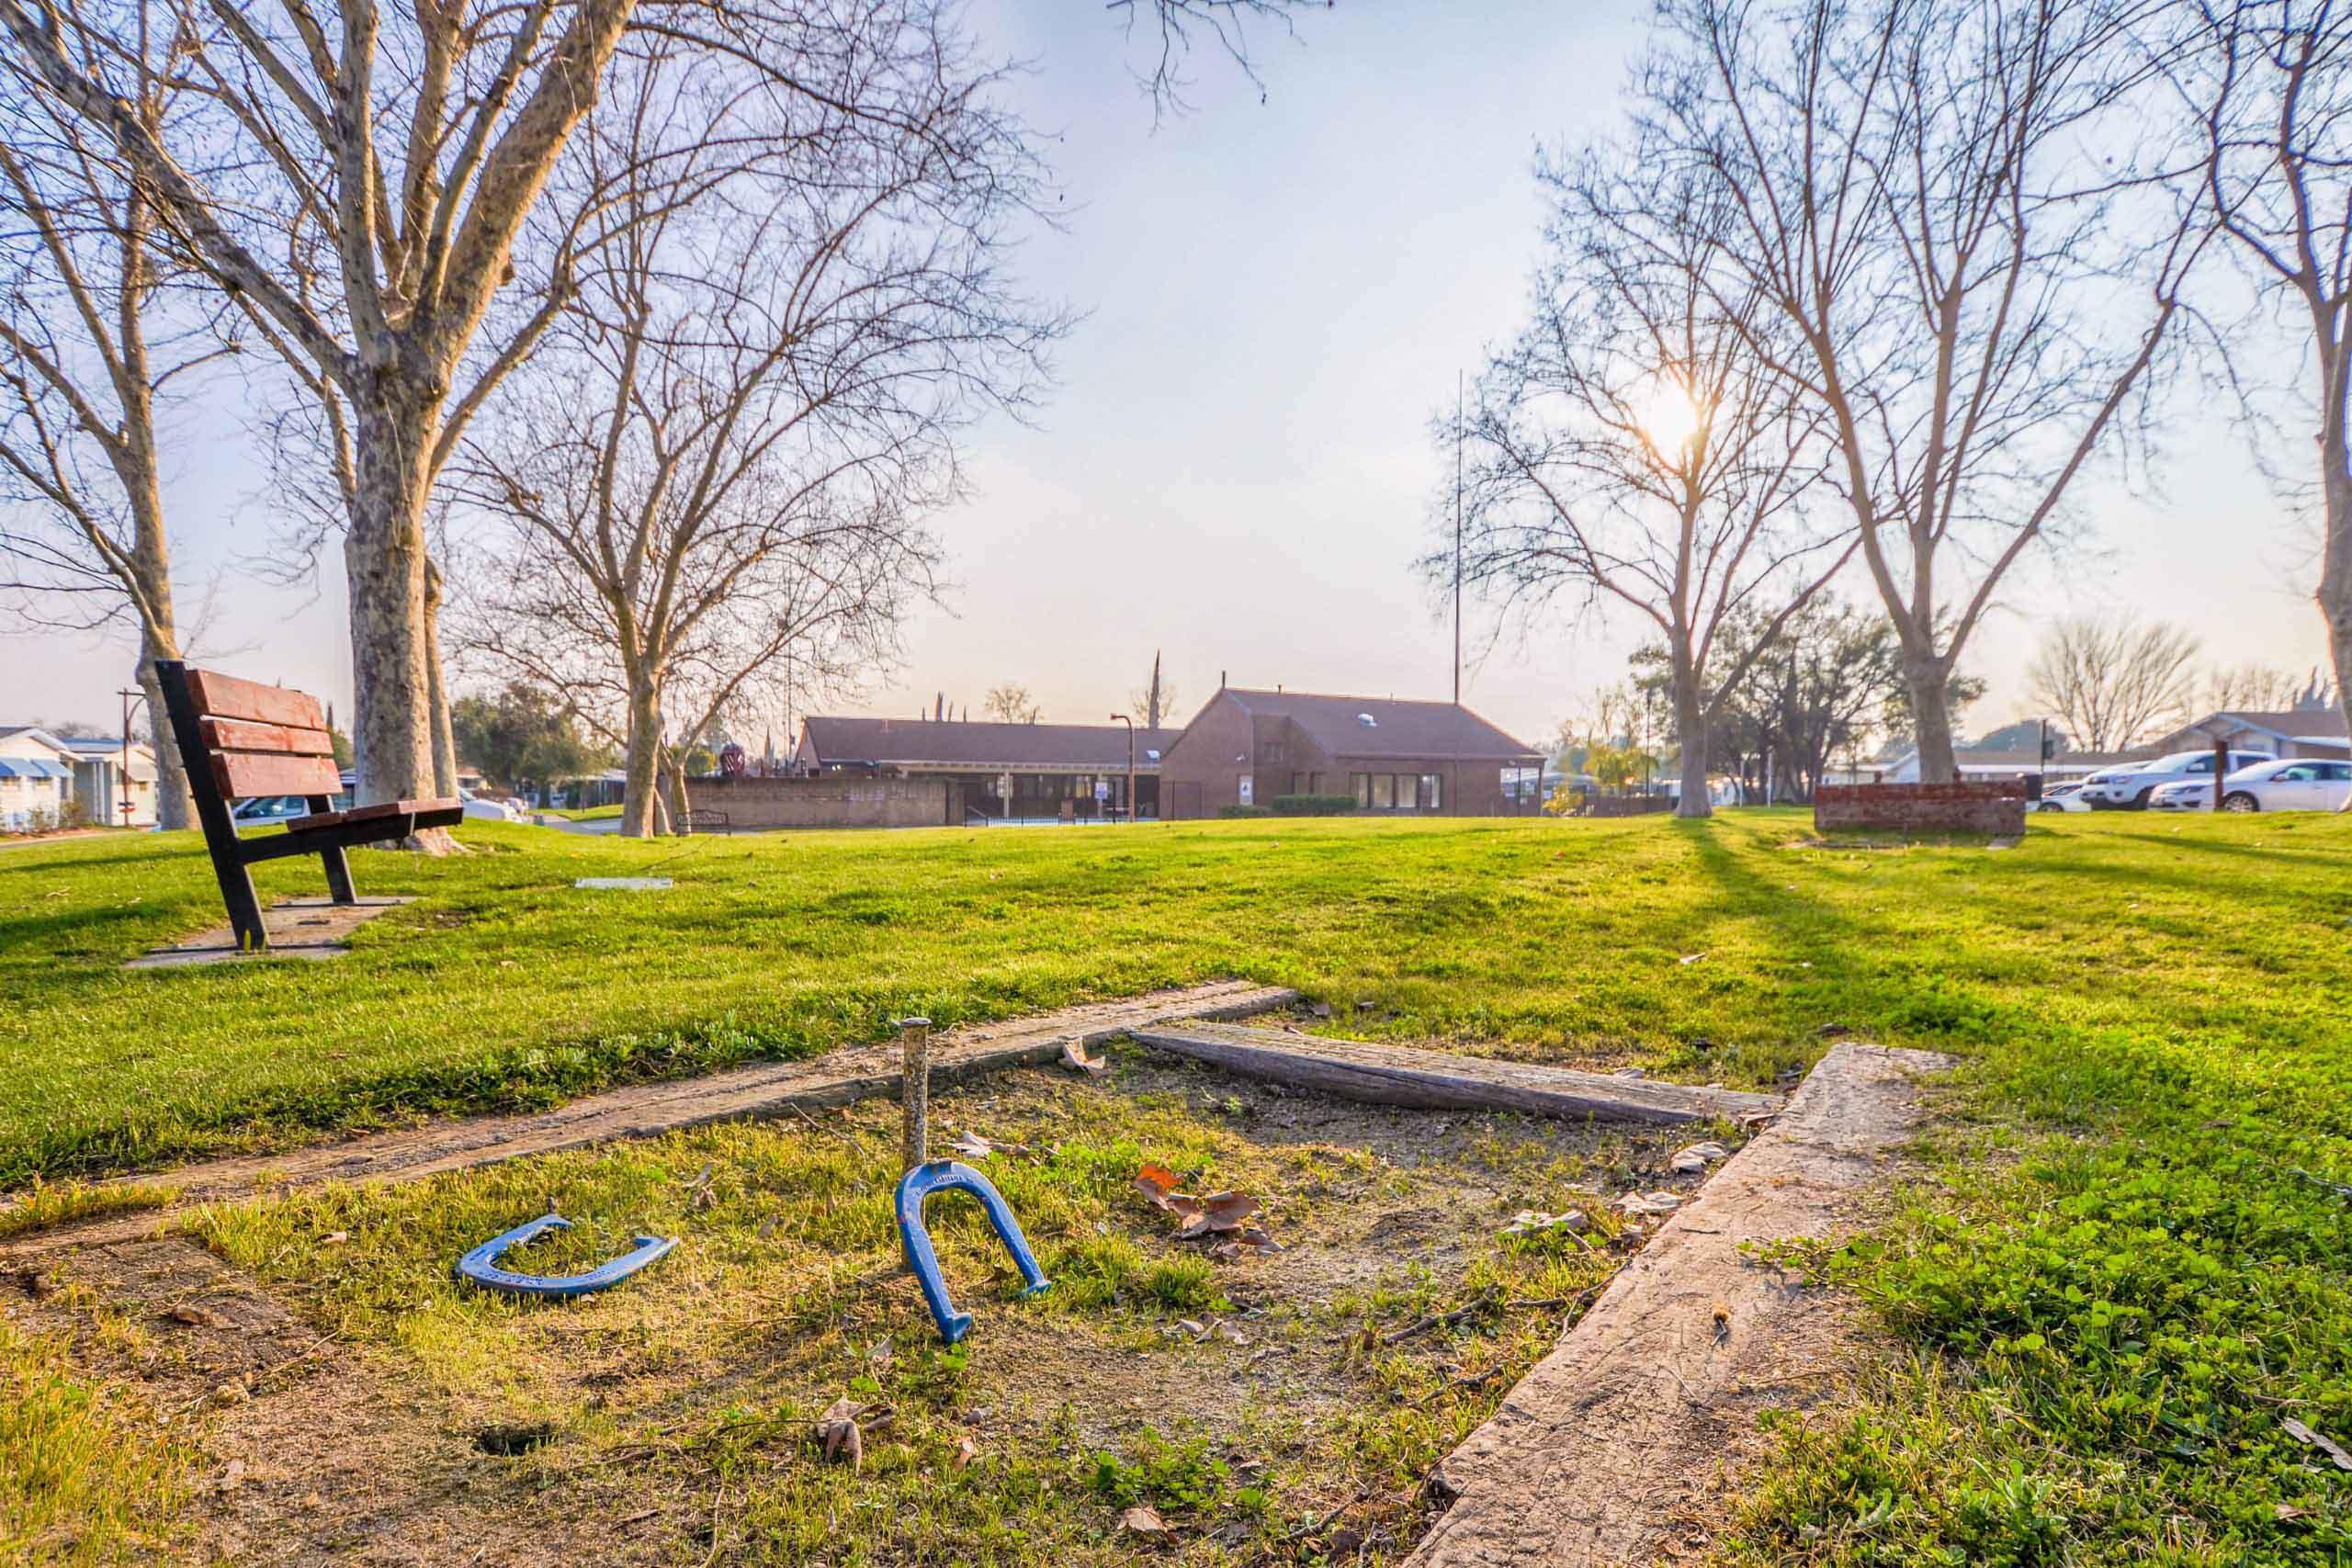 community park with horseshoes